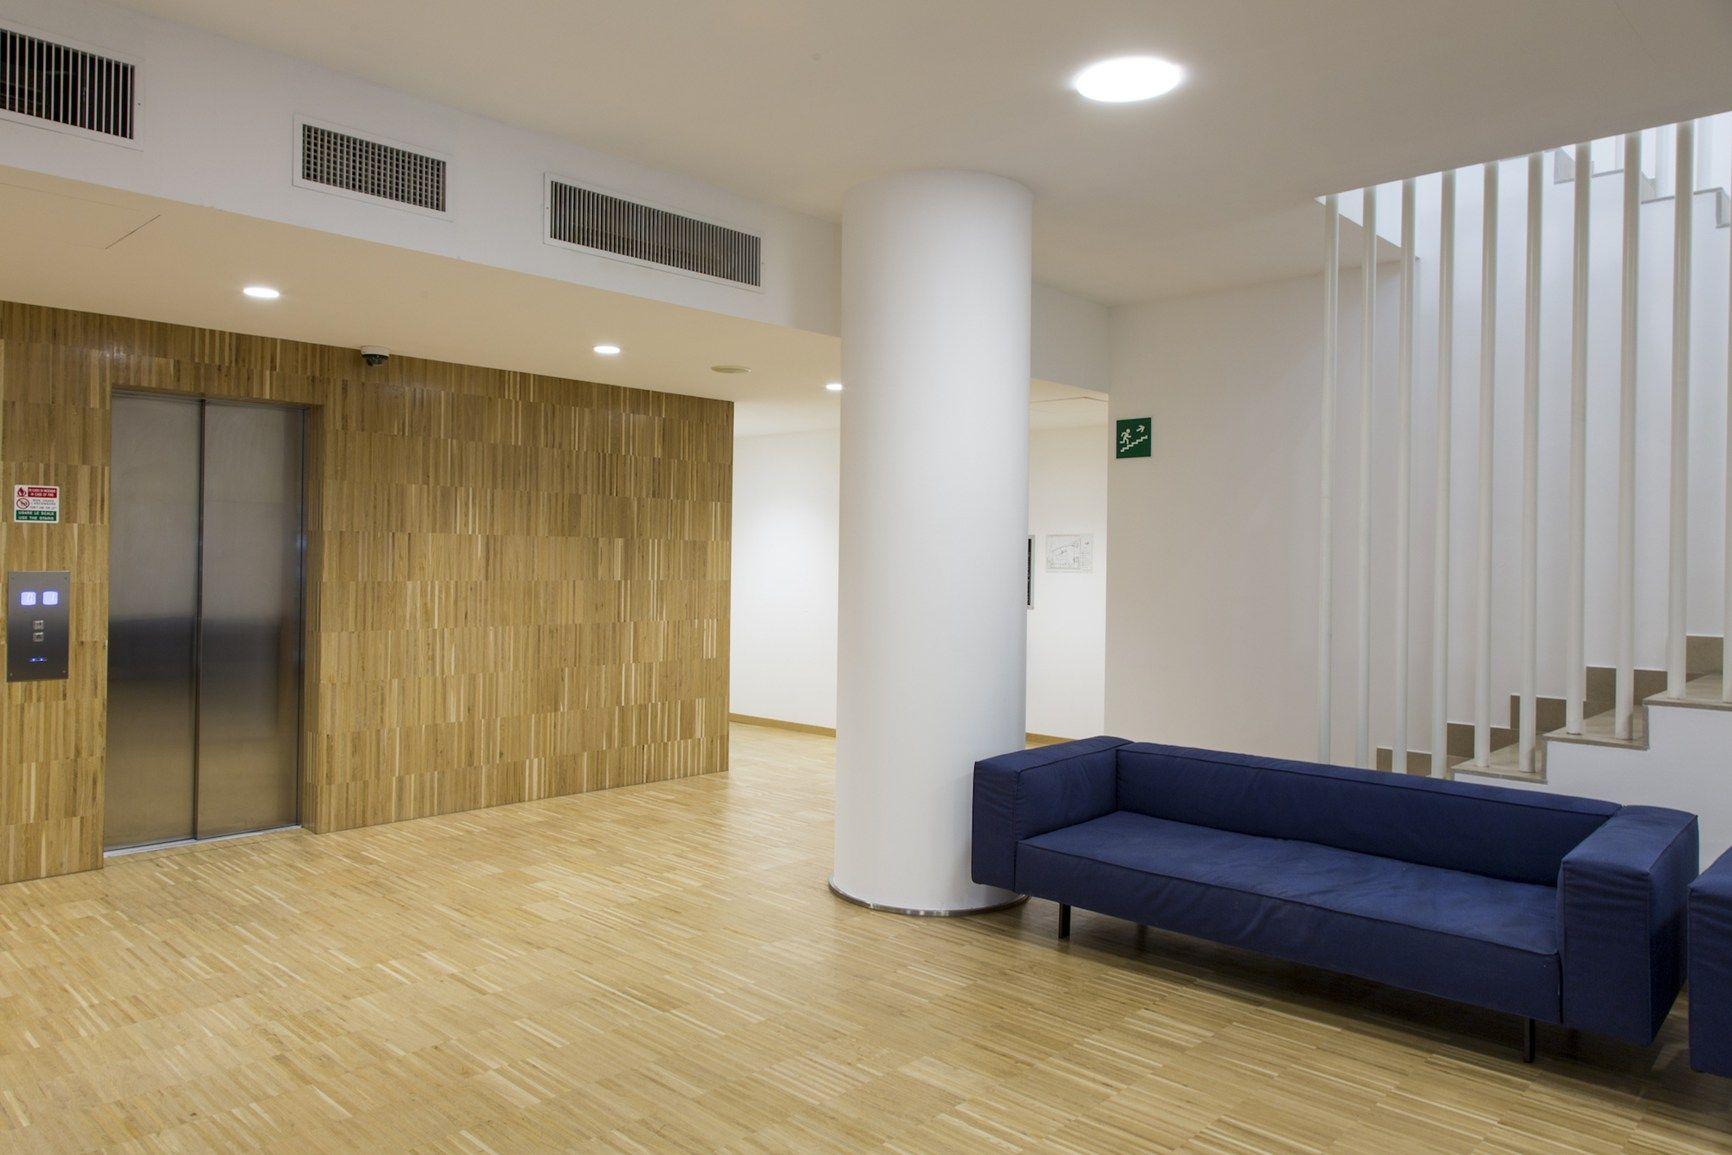 Euromobil arreda la nuova residenza per studenti dell for Euromobil 02